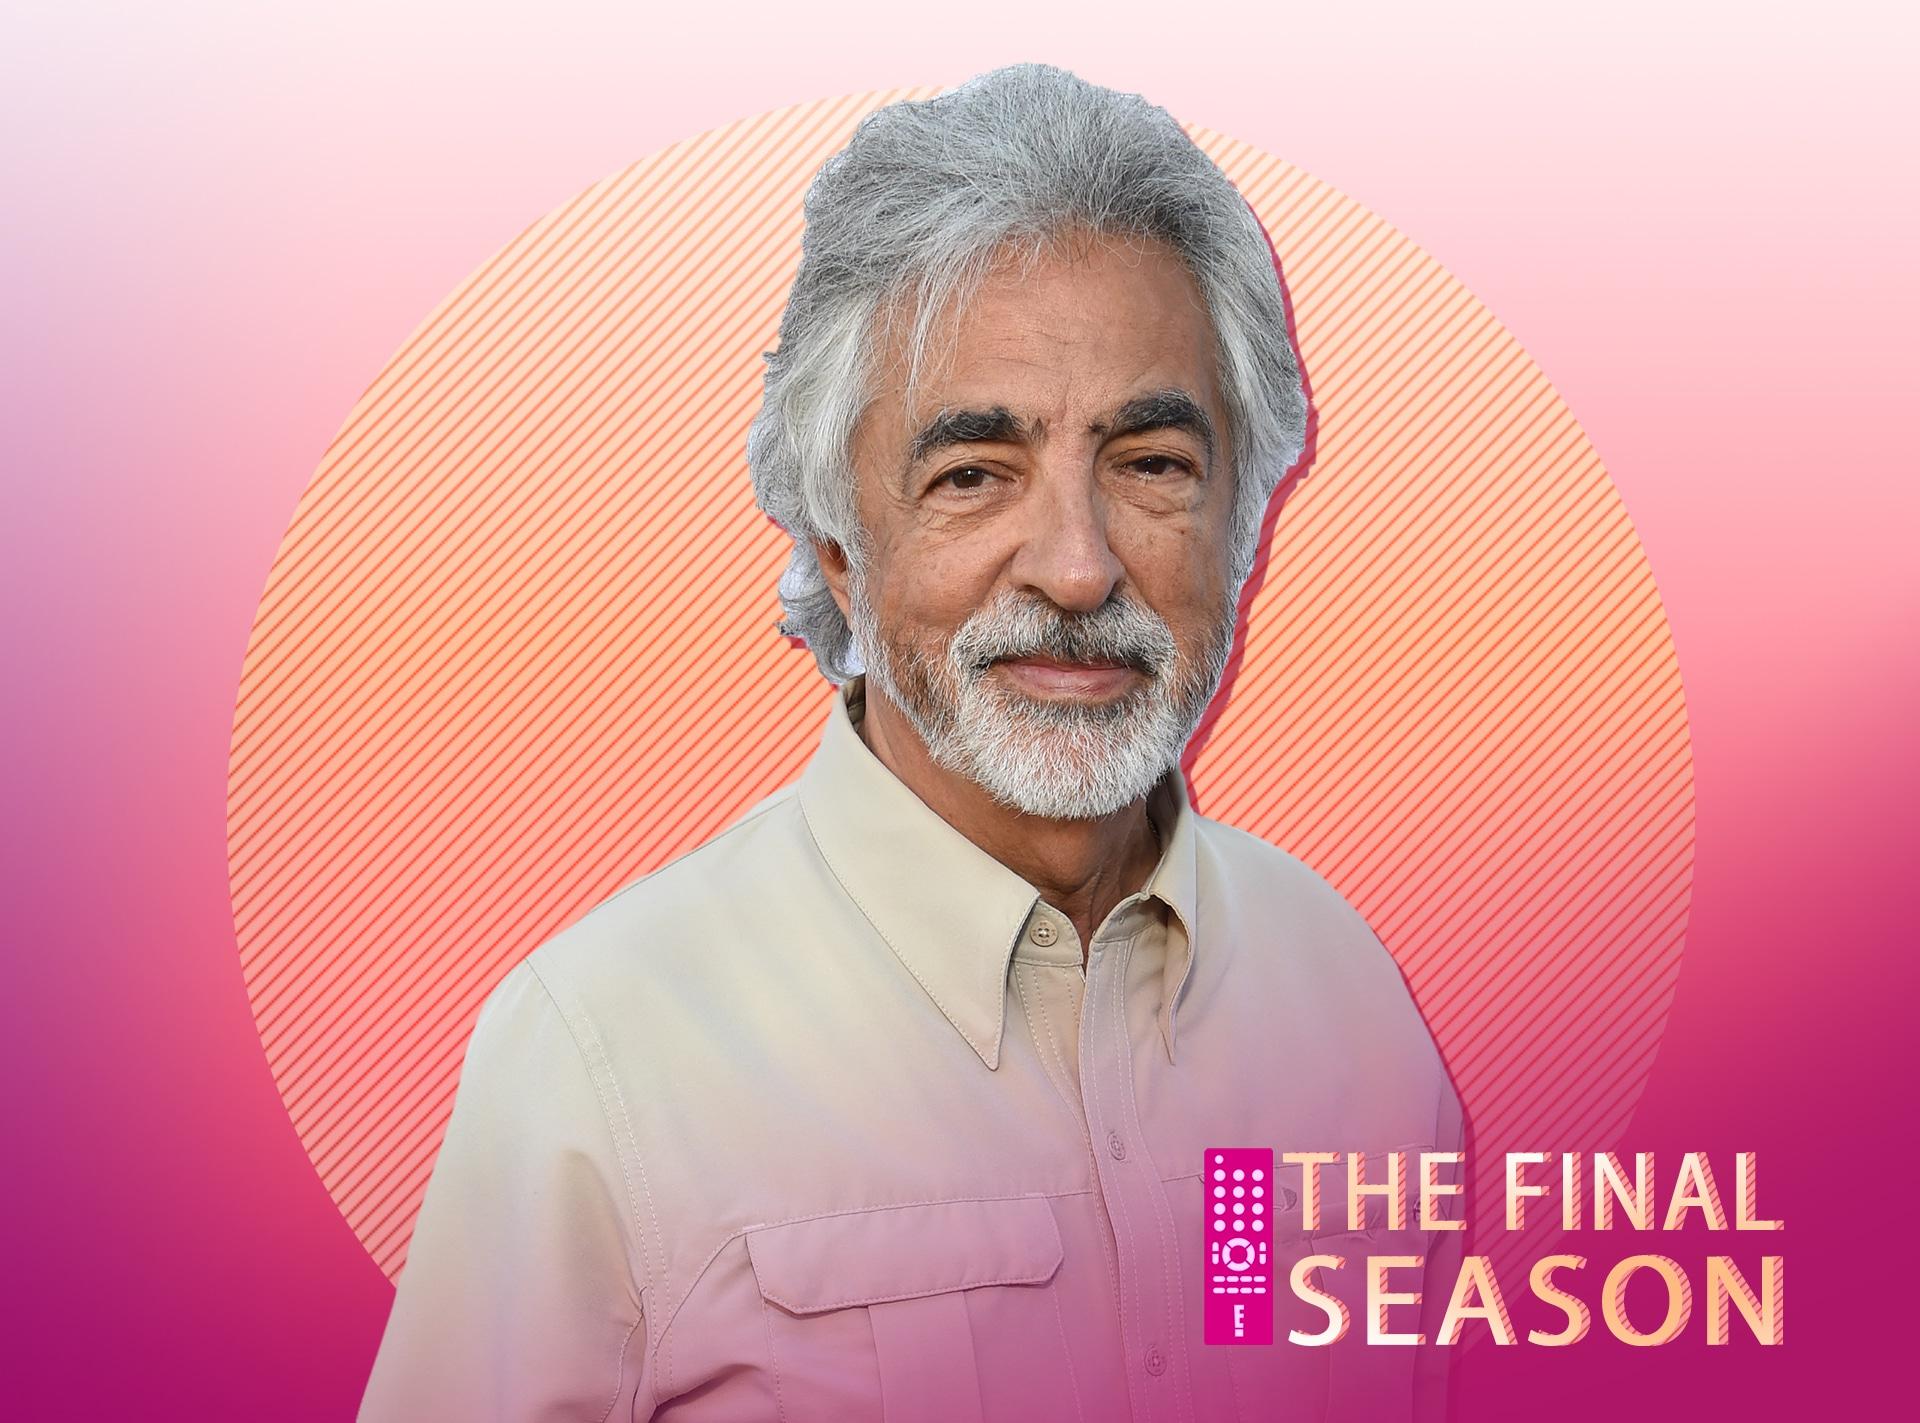 The Final Season - Criminal Minds, Joe Mantegna